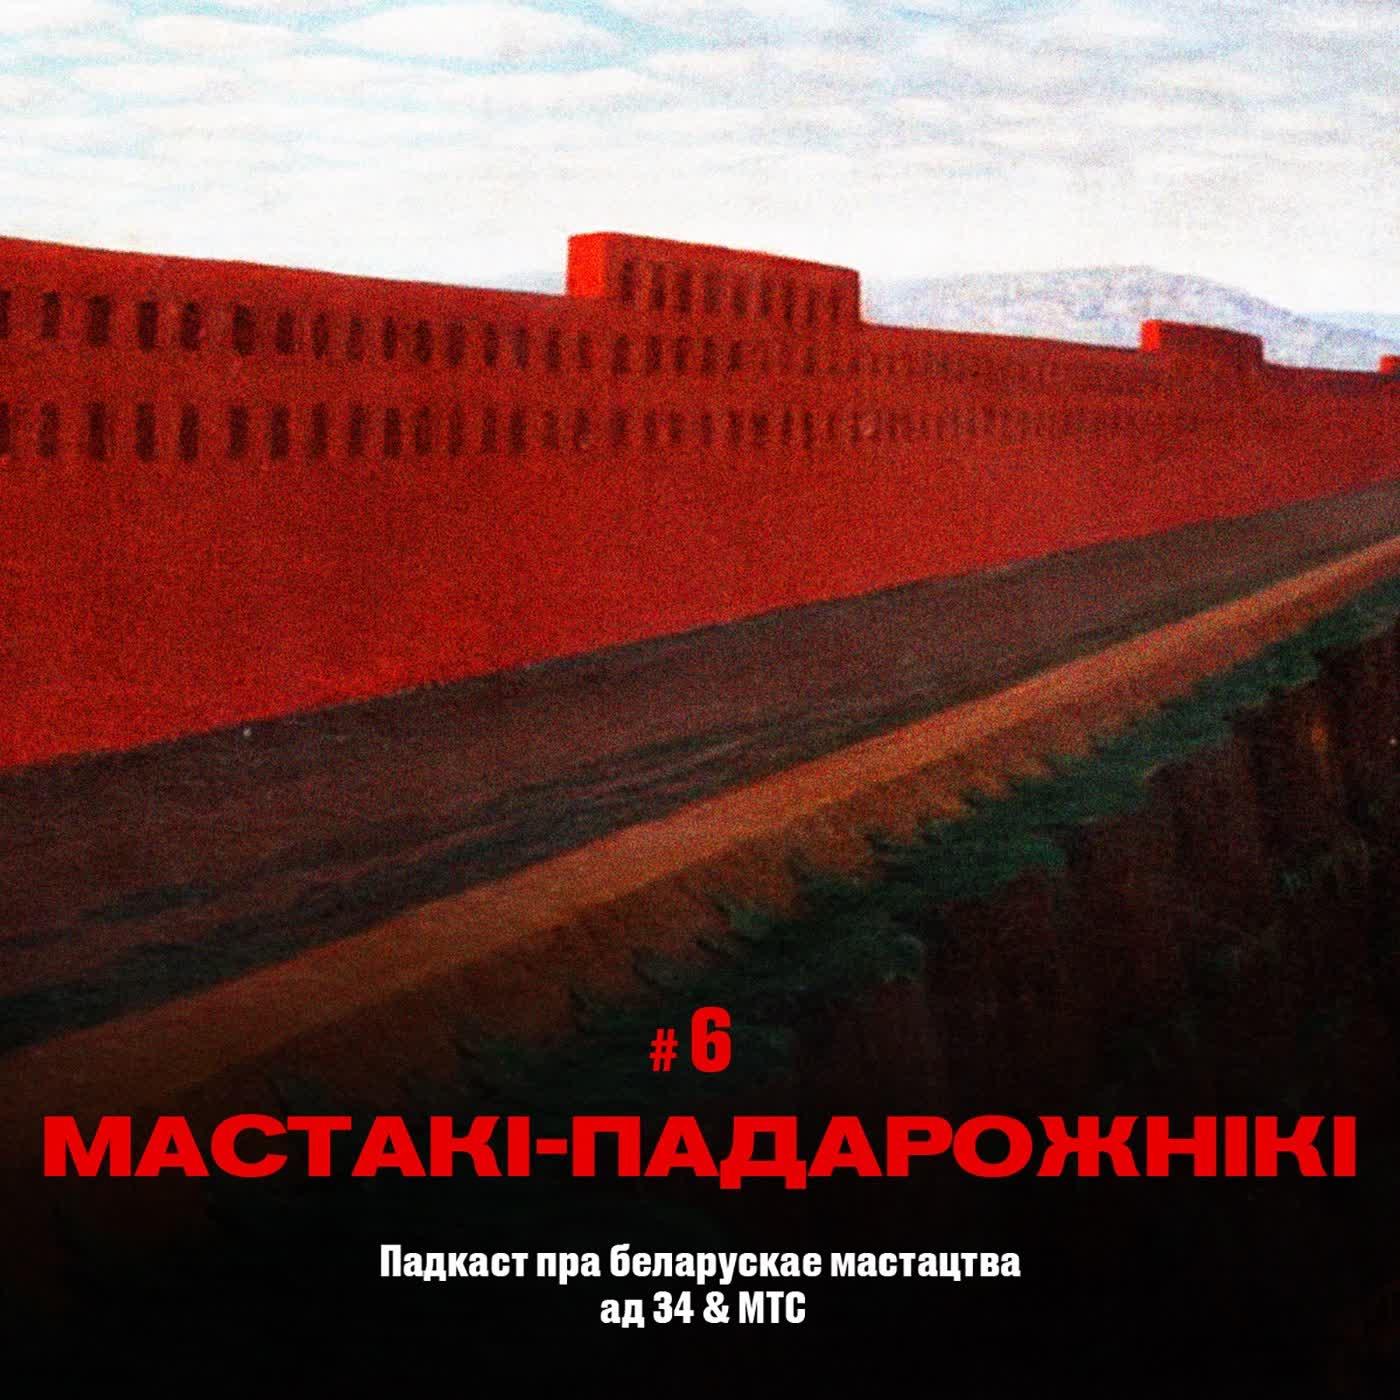 6 / Мастацтва Беларусi: Мастакі-падарожнікі (падкаст ад 34 & МТС)